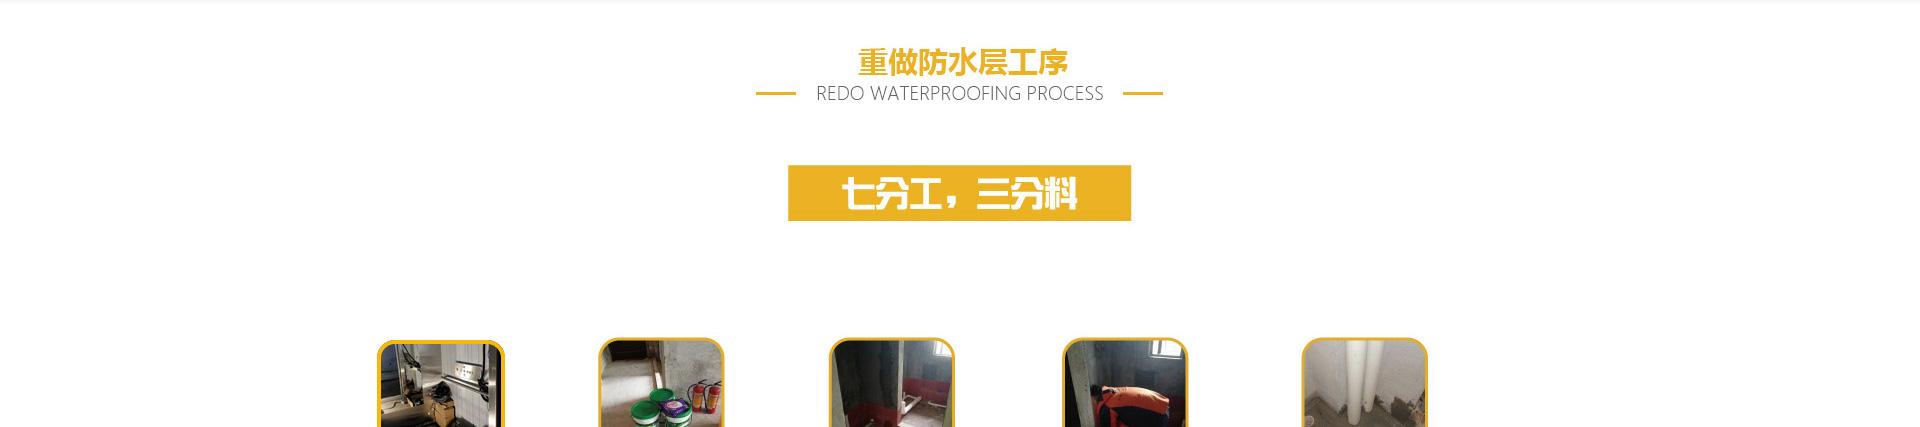 重做防水层工序